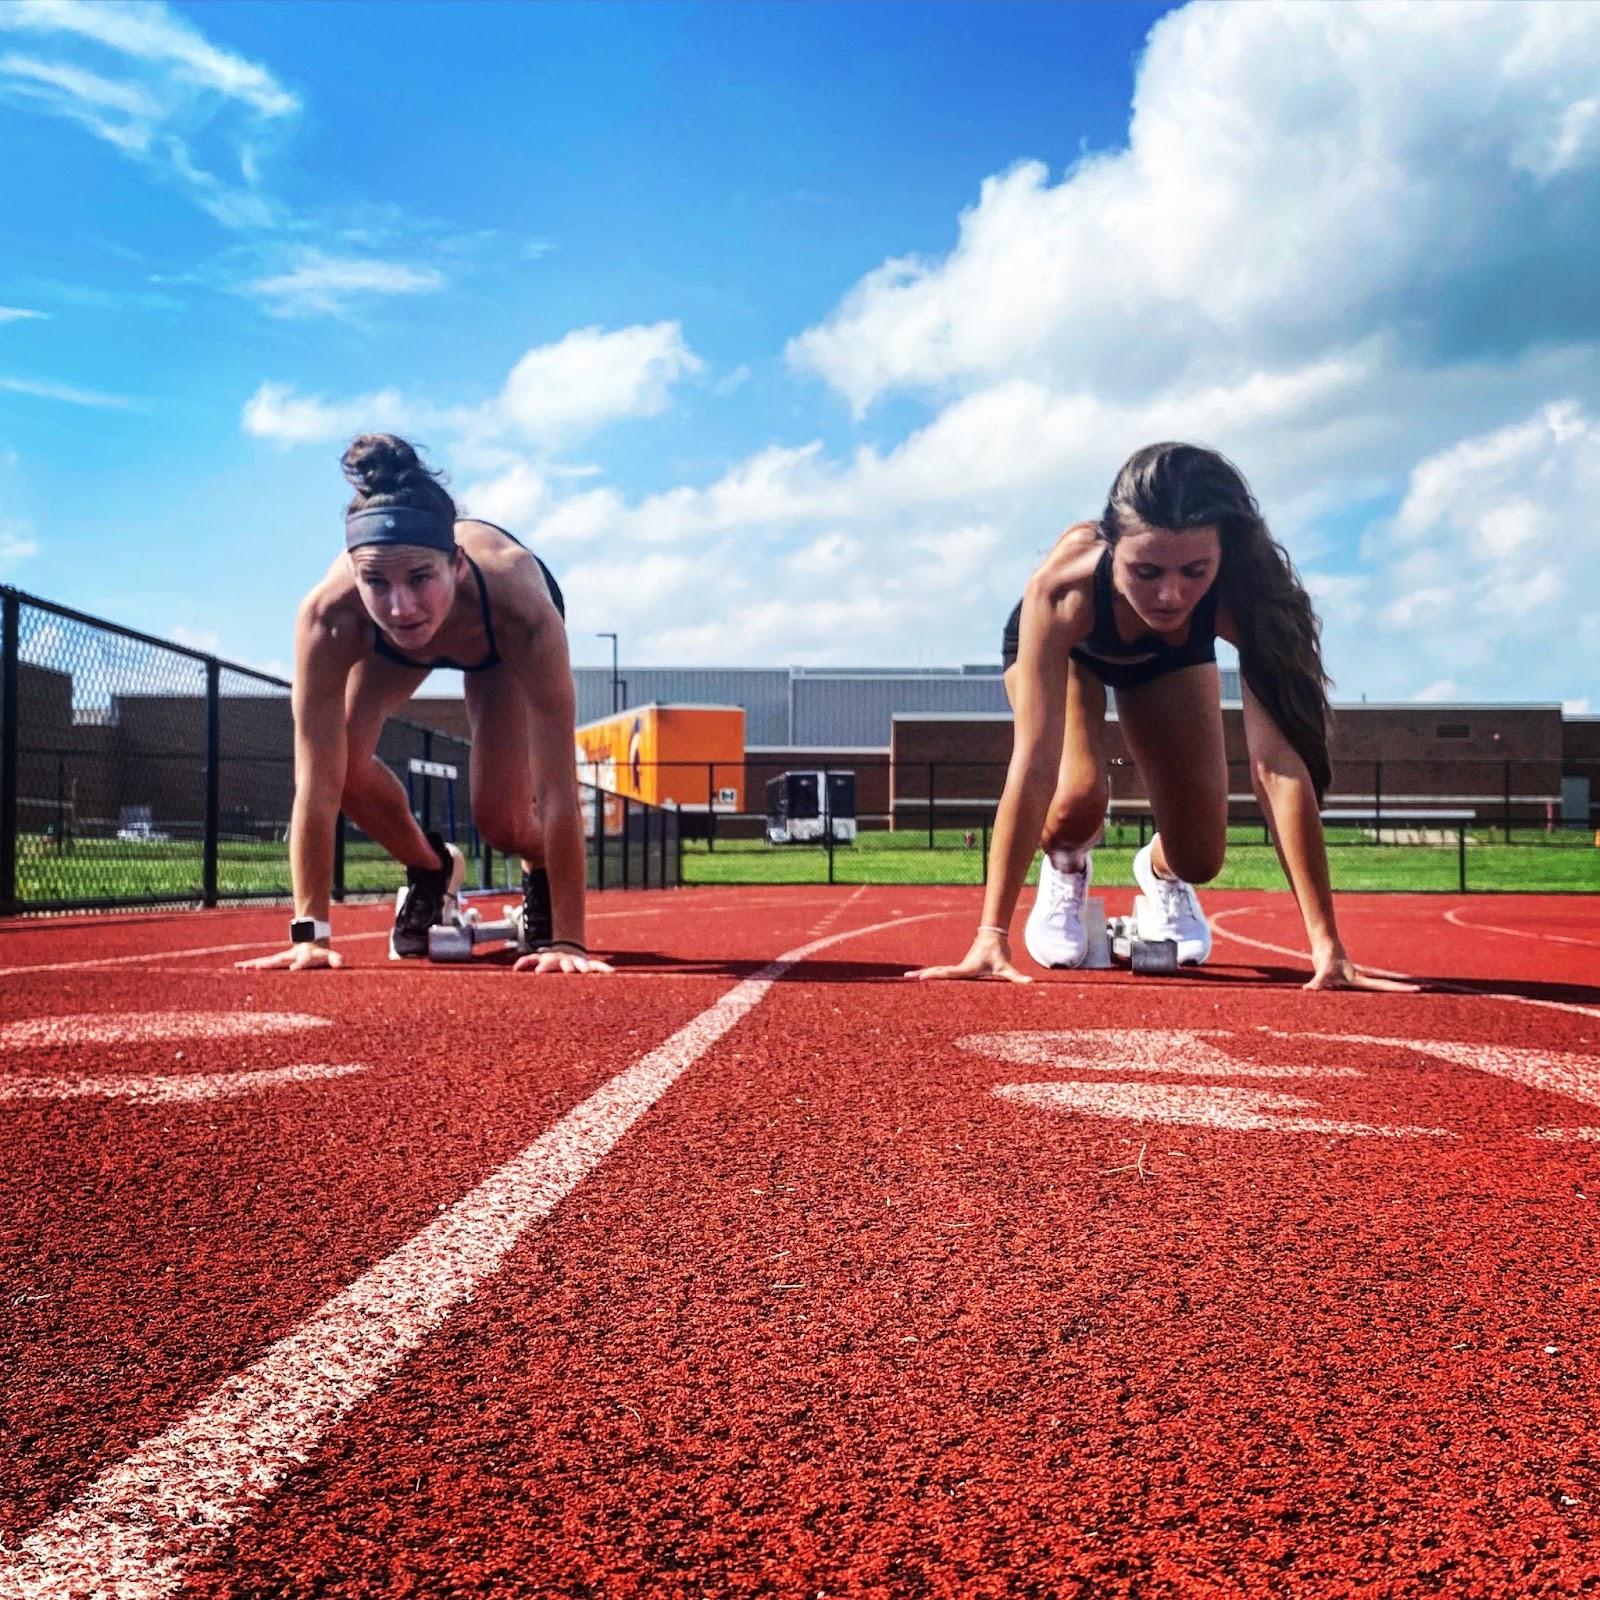 Run workout program